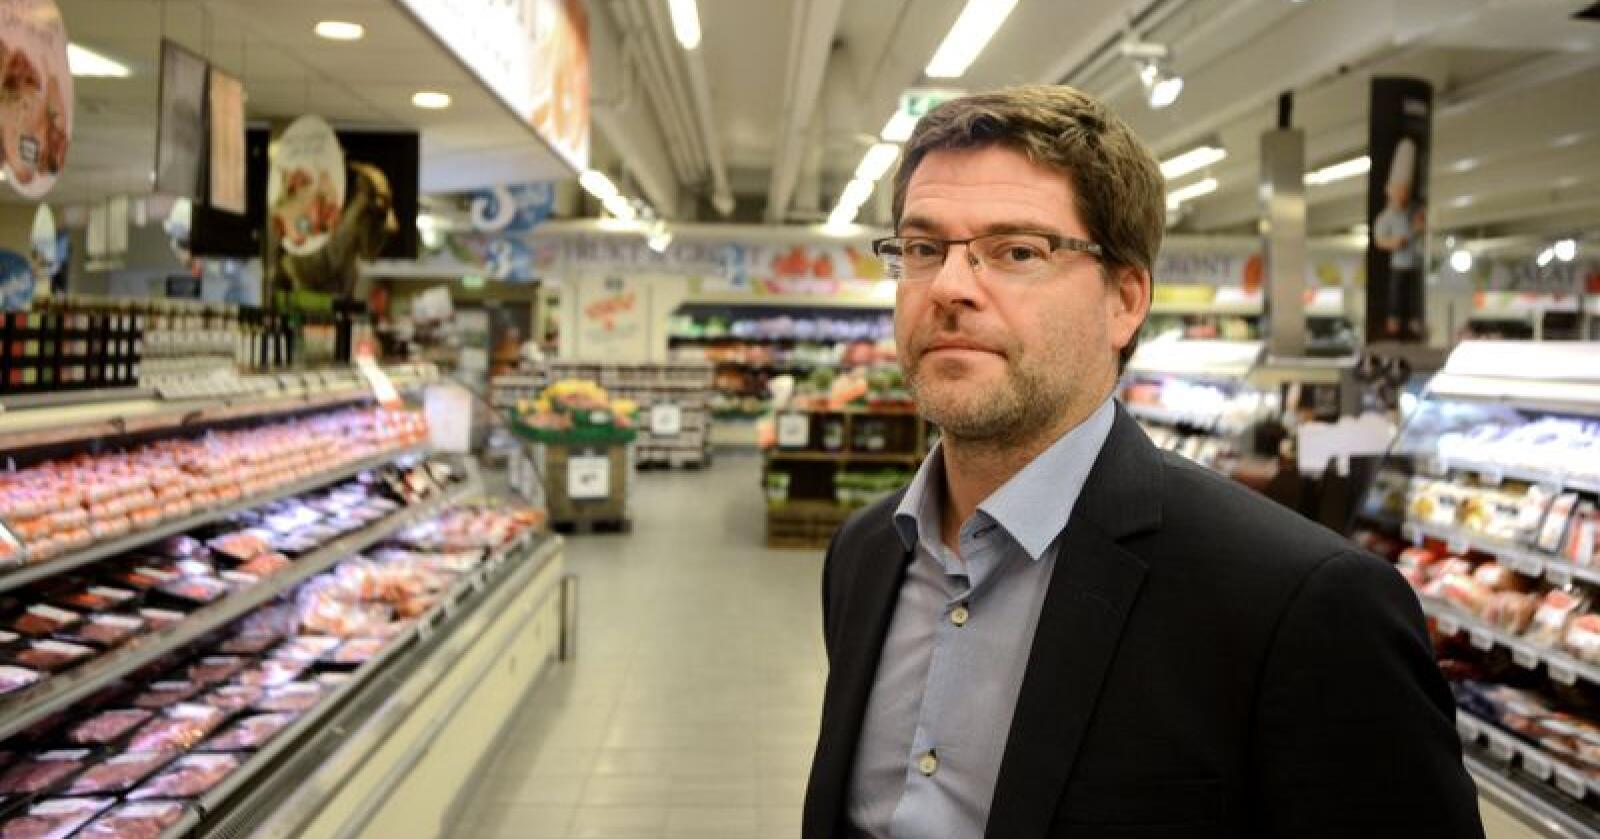 Kommunikasjonssjef Harald Kristiansen i Coop Norge fikk gjennomgå da han ble kontaktet av frustrerte bønder. Foto: Siri Juell Rasmussen